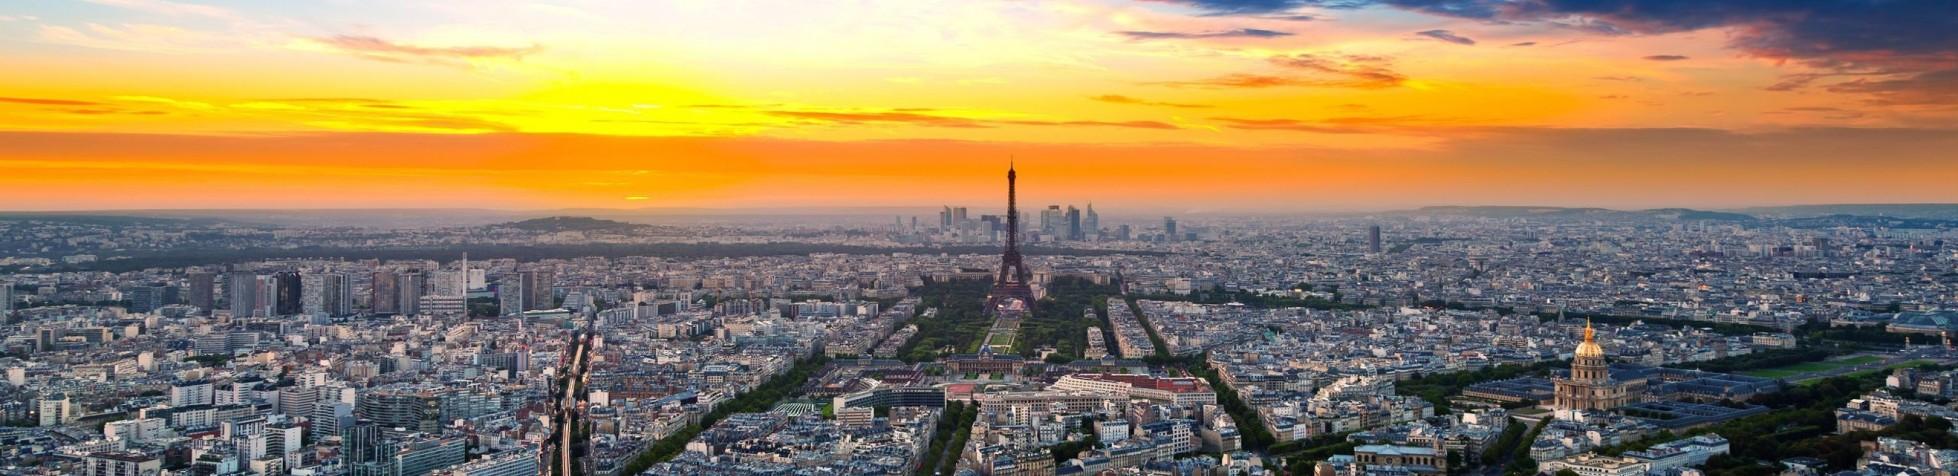 PARIZ NOVA GODINA 2018 AVIONOM